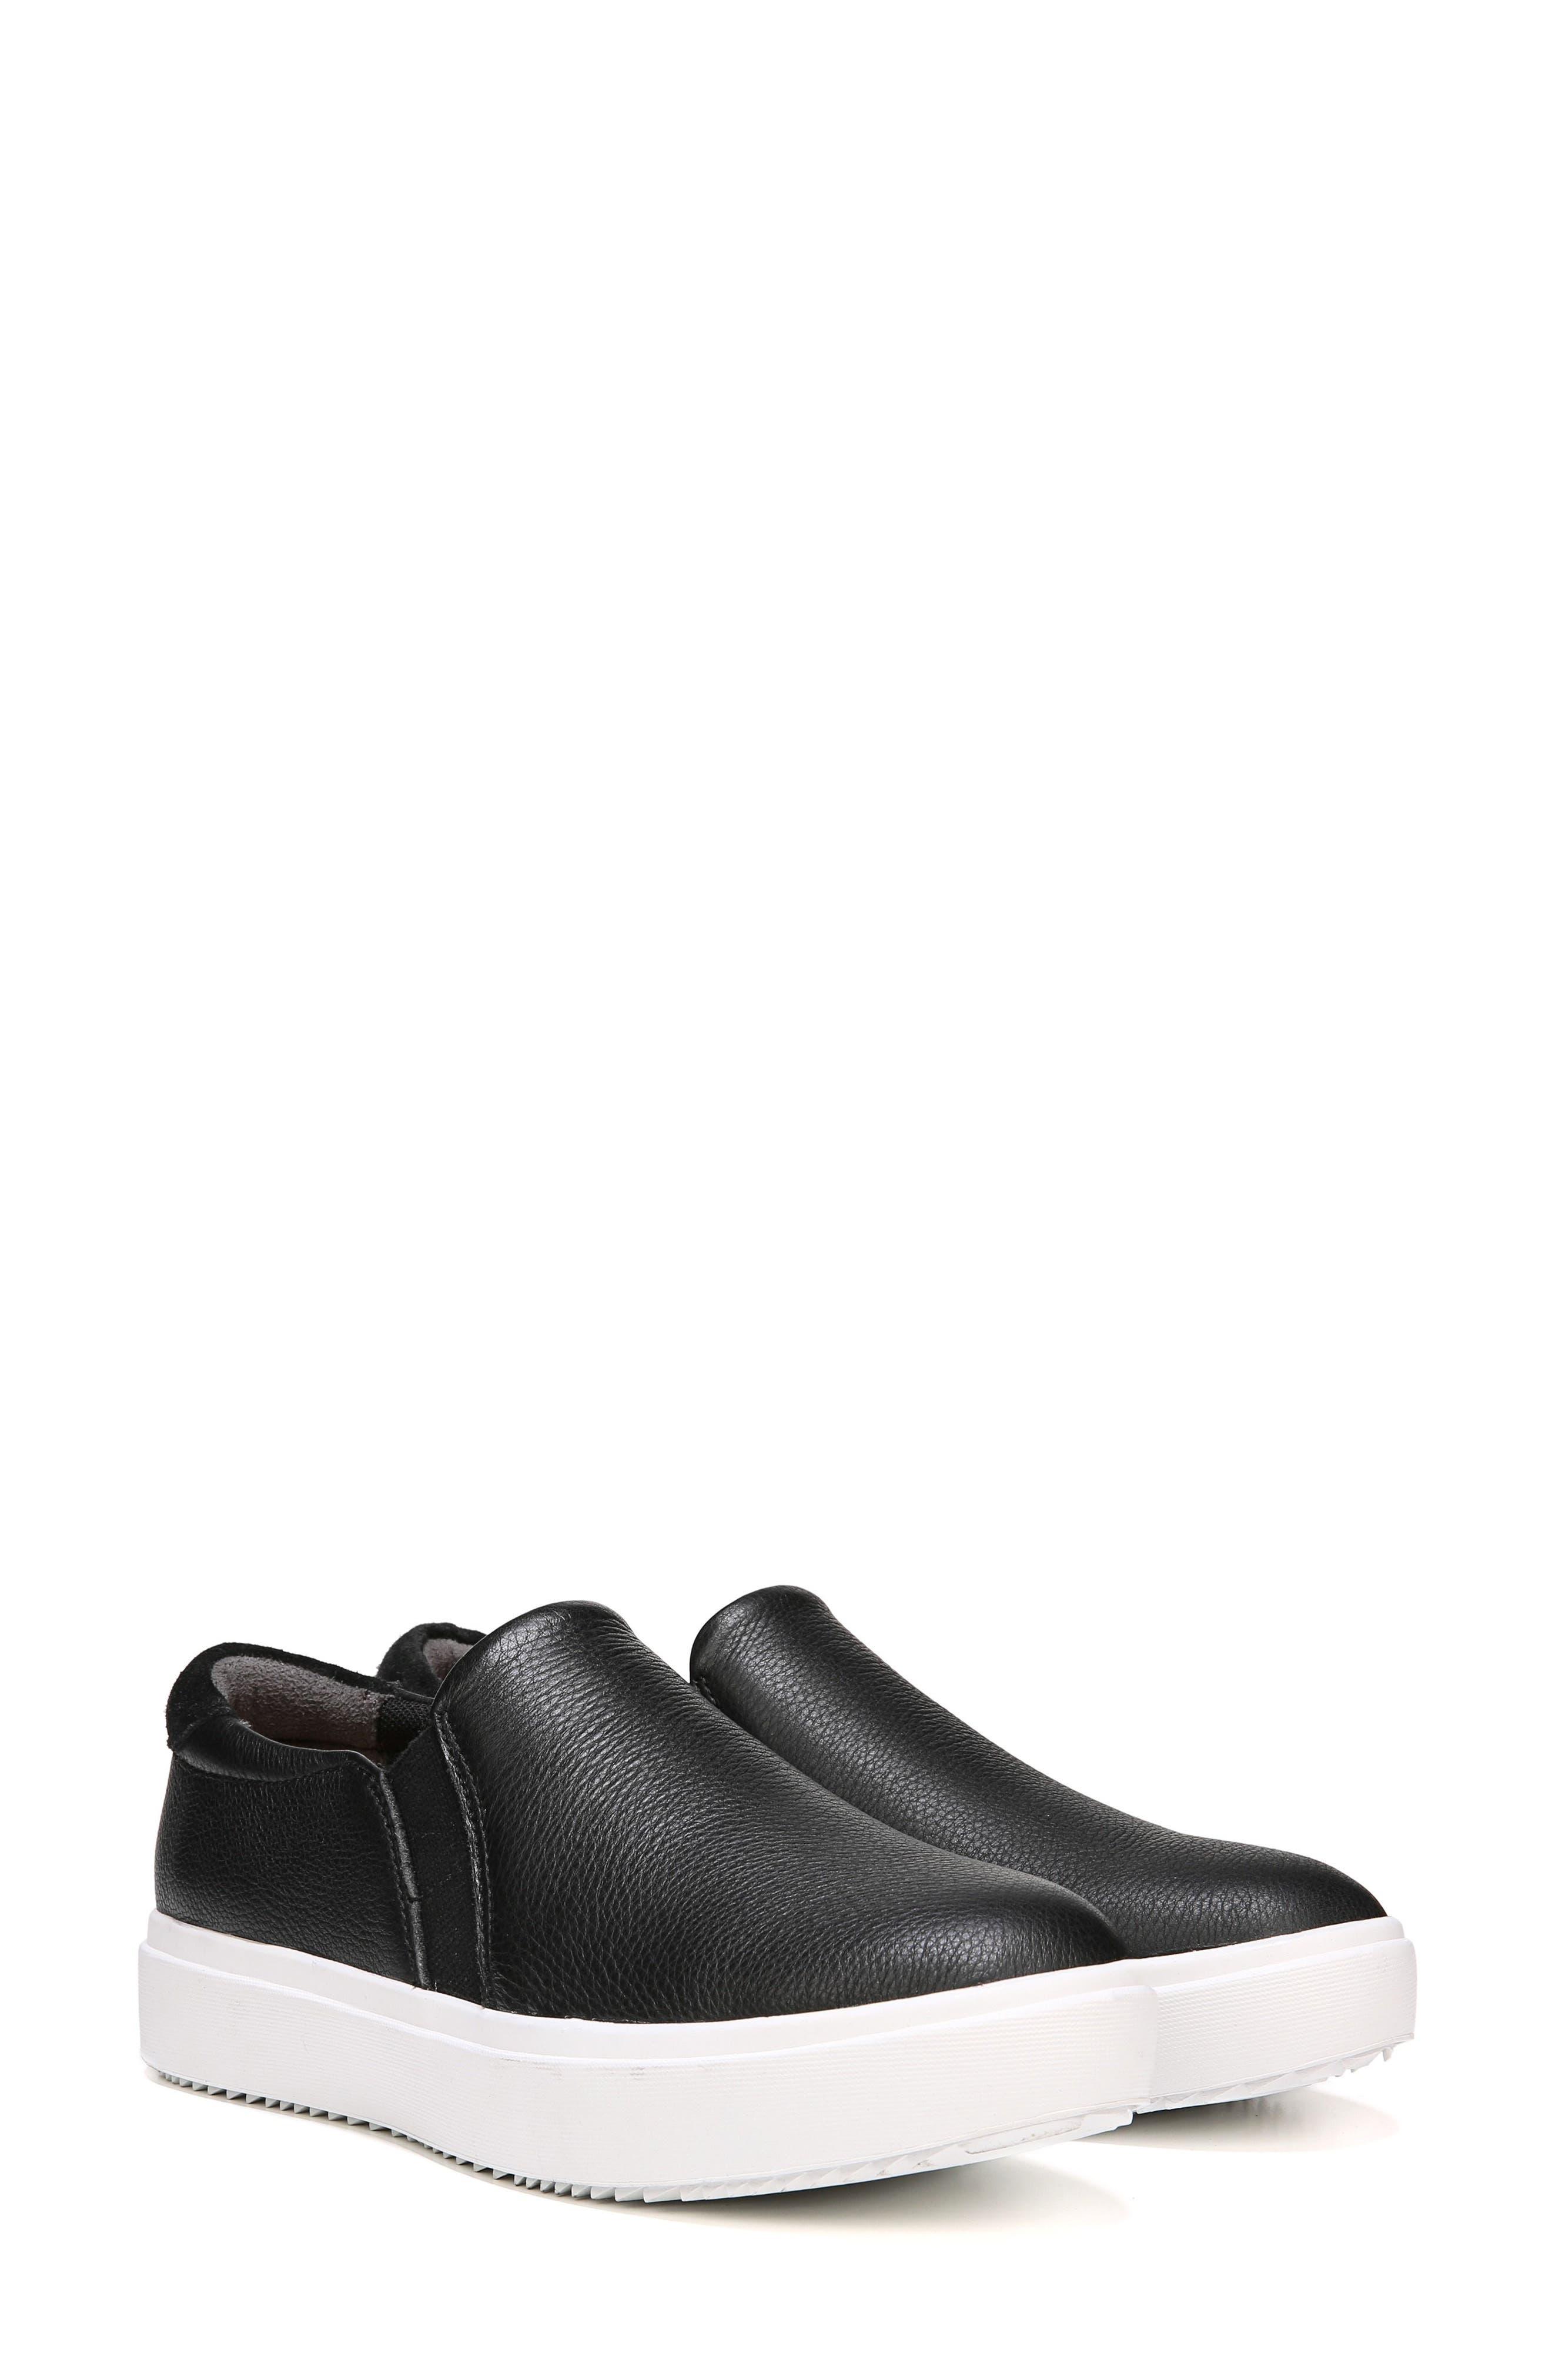 DR. SCHOLL'S, Leta Slip-On Sneaker, Alternate thumbnail 6, color, BLACK LEATHER